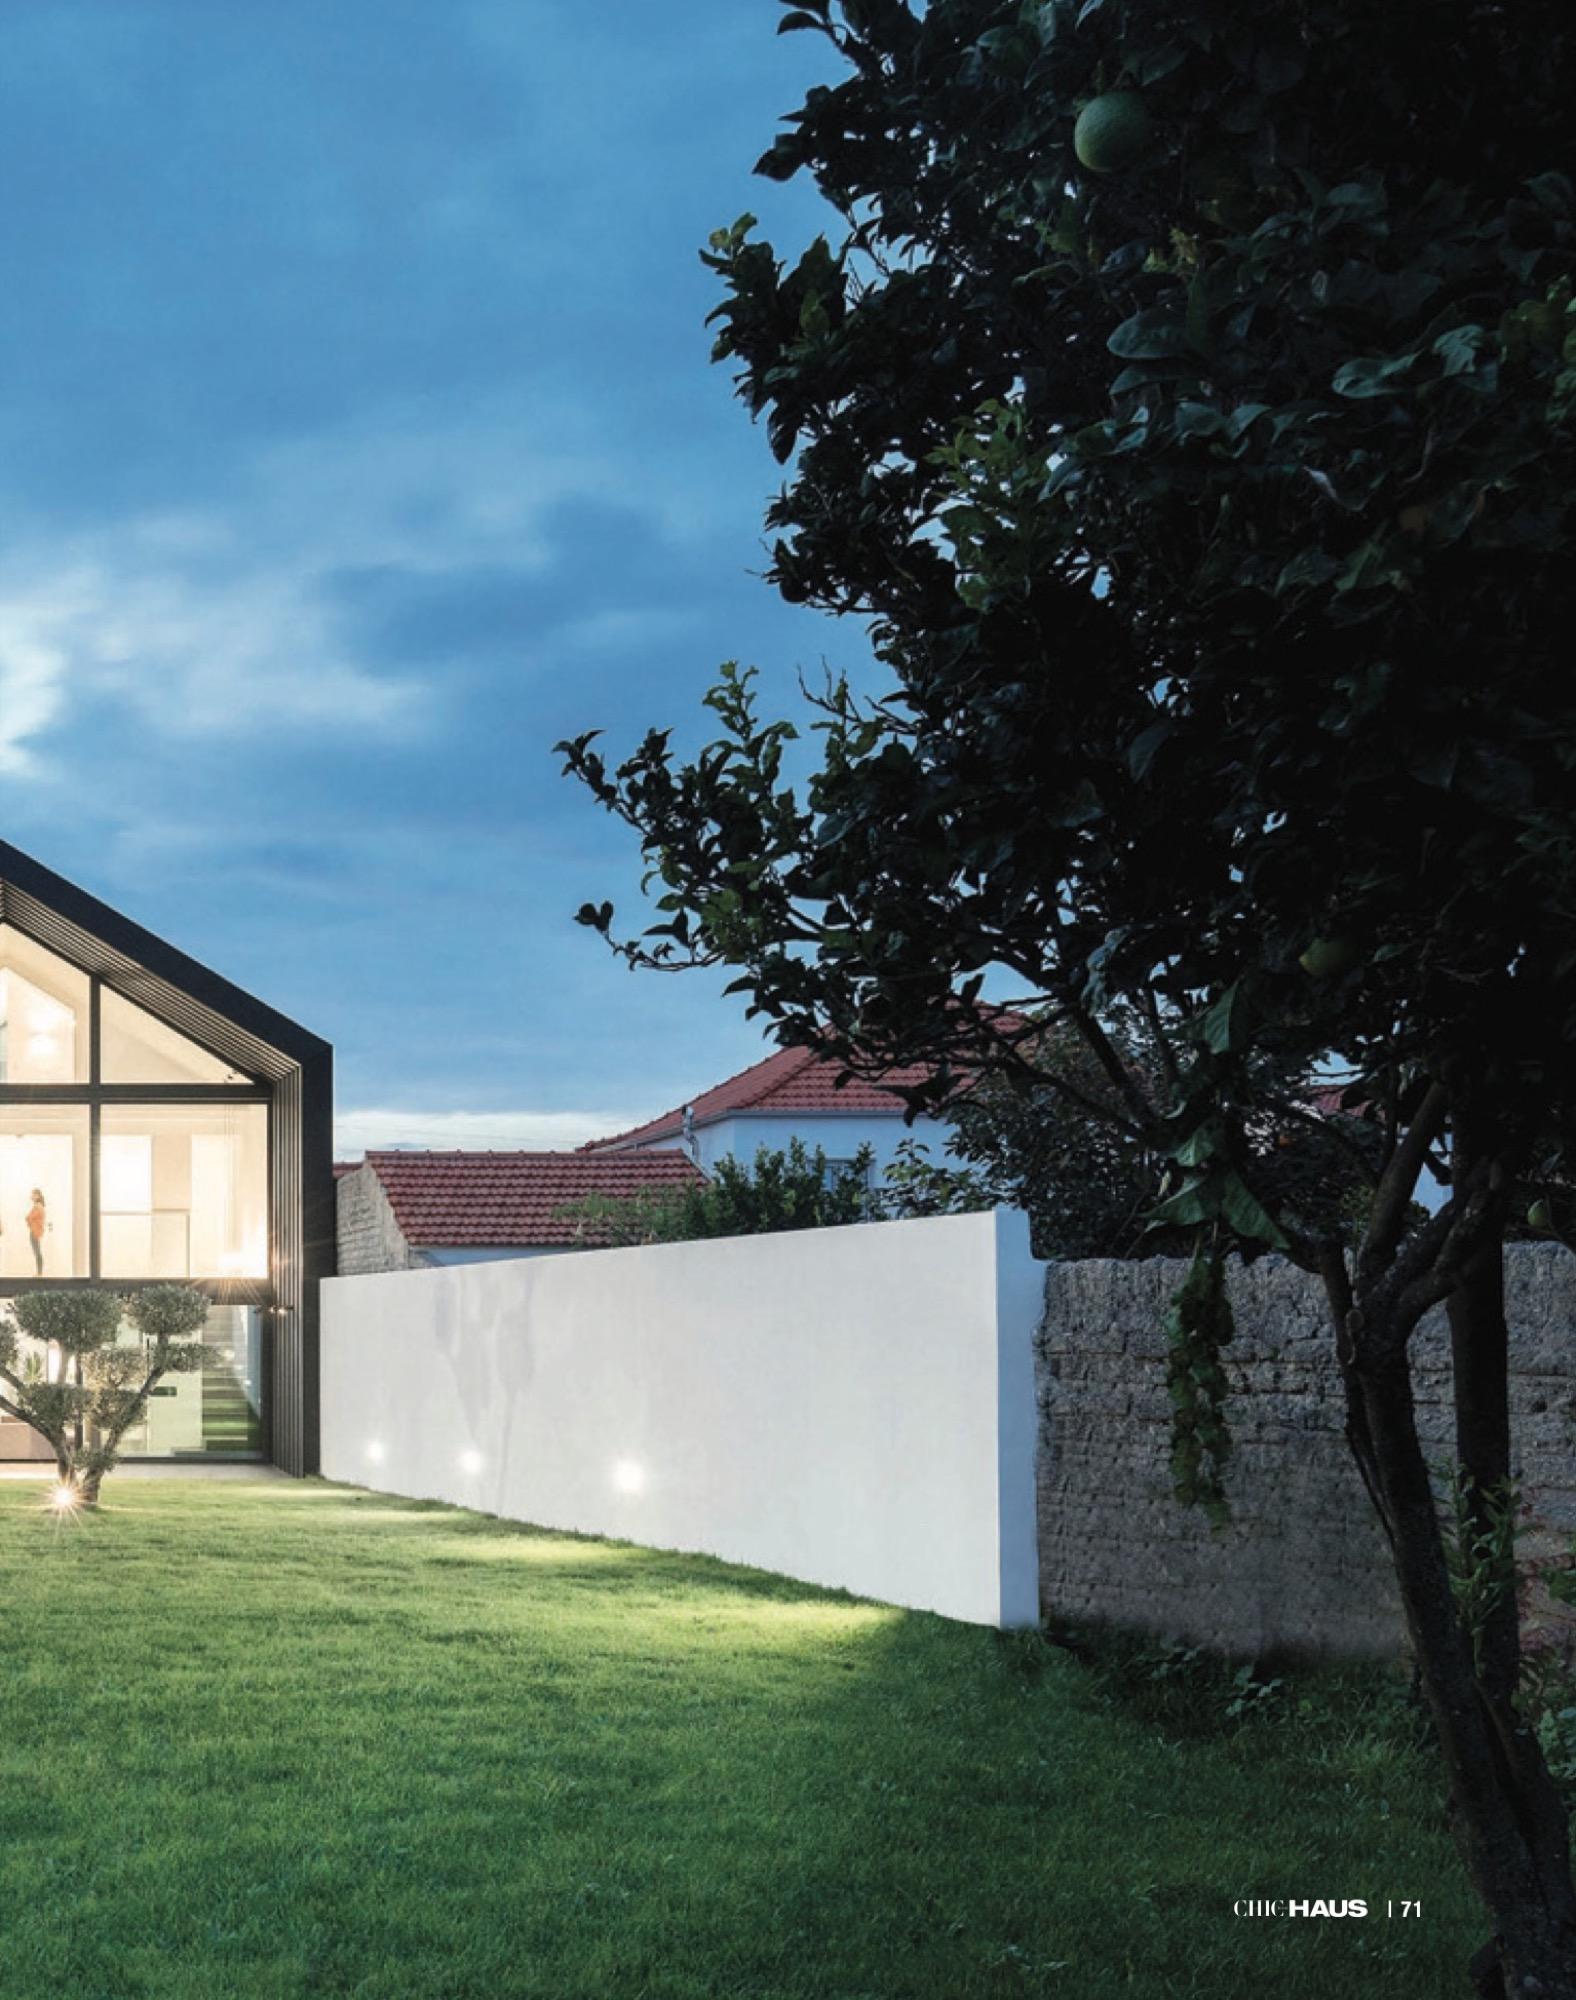 Chic Haus Magazine September Casa Arco Frari Arquitectura 227 71 do fotografo Ivo Tavares Studio